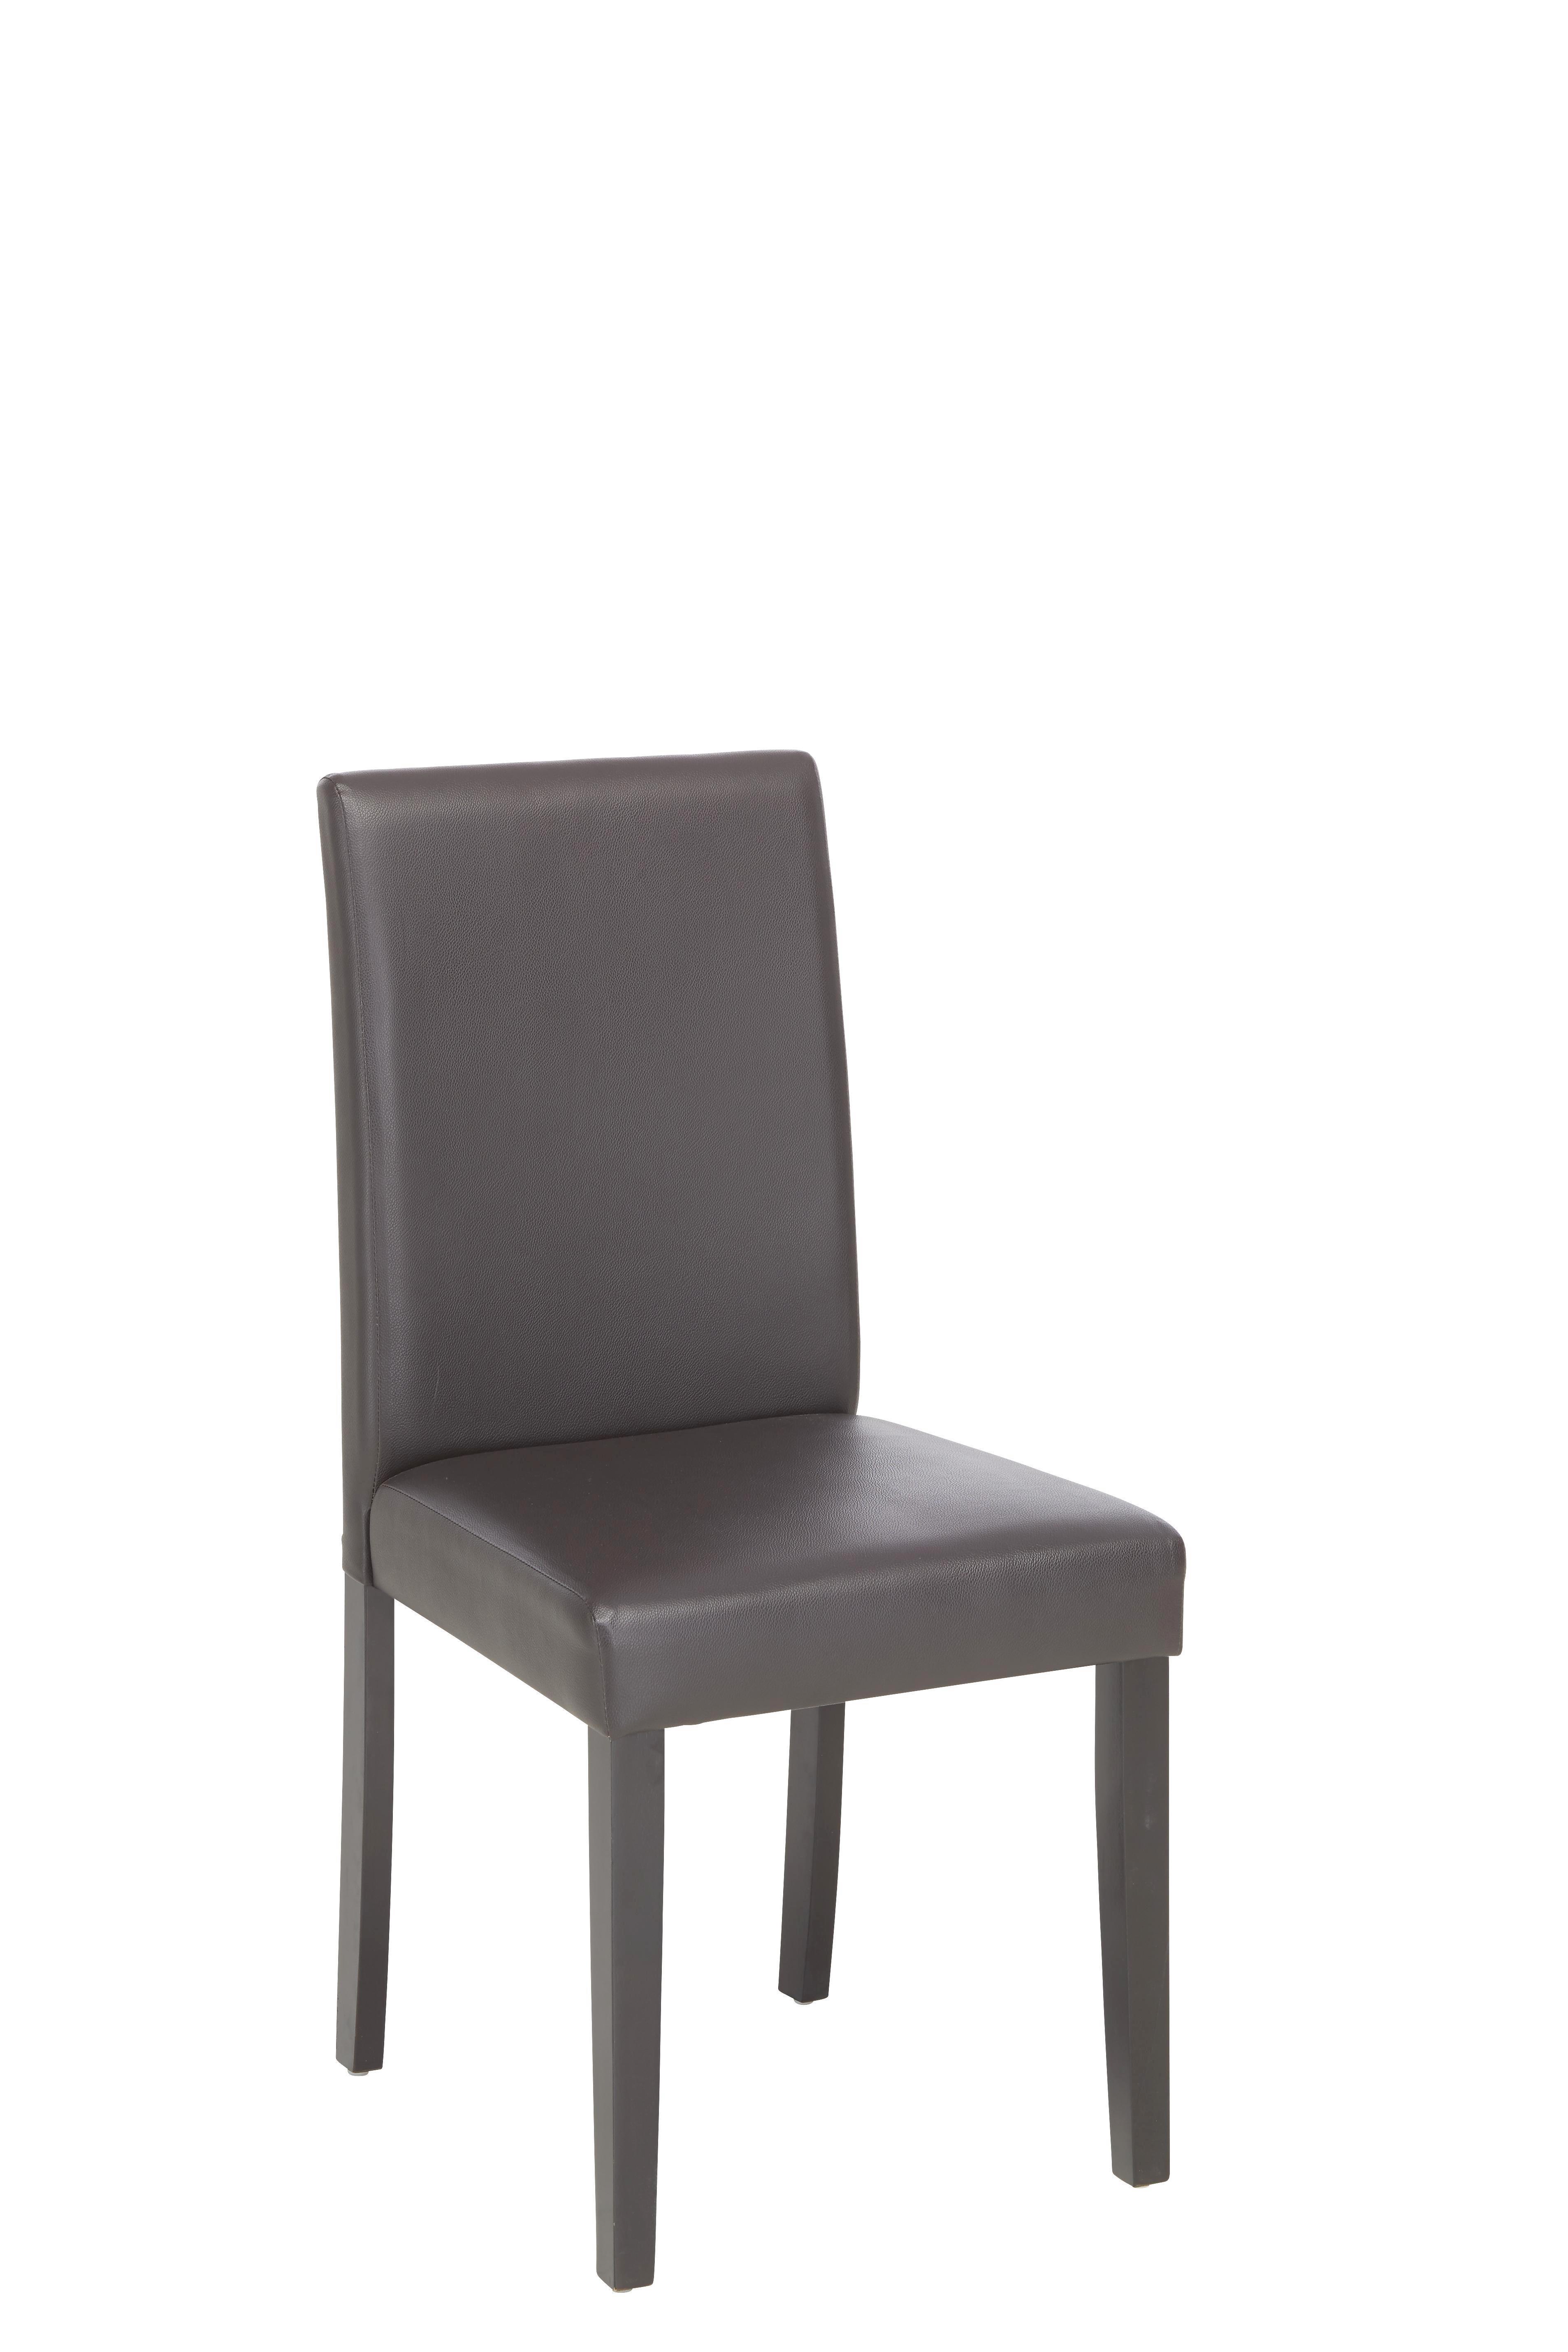 Szék Eva Ii - sötétbarna/barna, konvencionális, textil/fa (45/95/55cm) - BASED